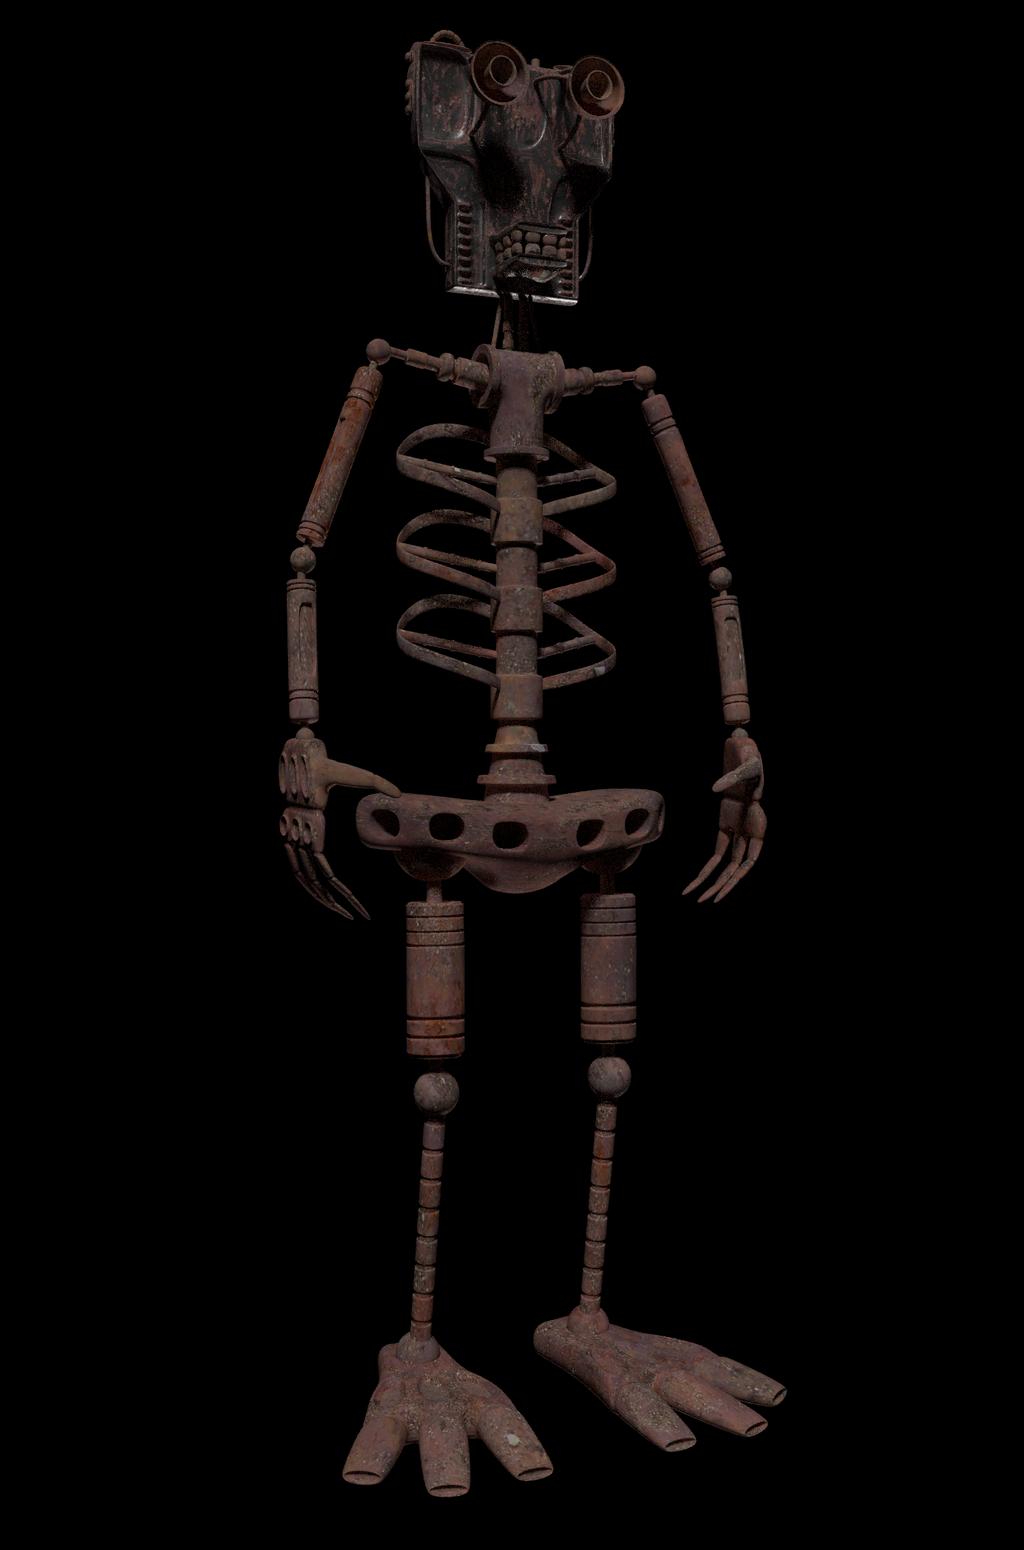 animatronics   Tumblr   Chuck E Cheese Animatronics Endoskeleton